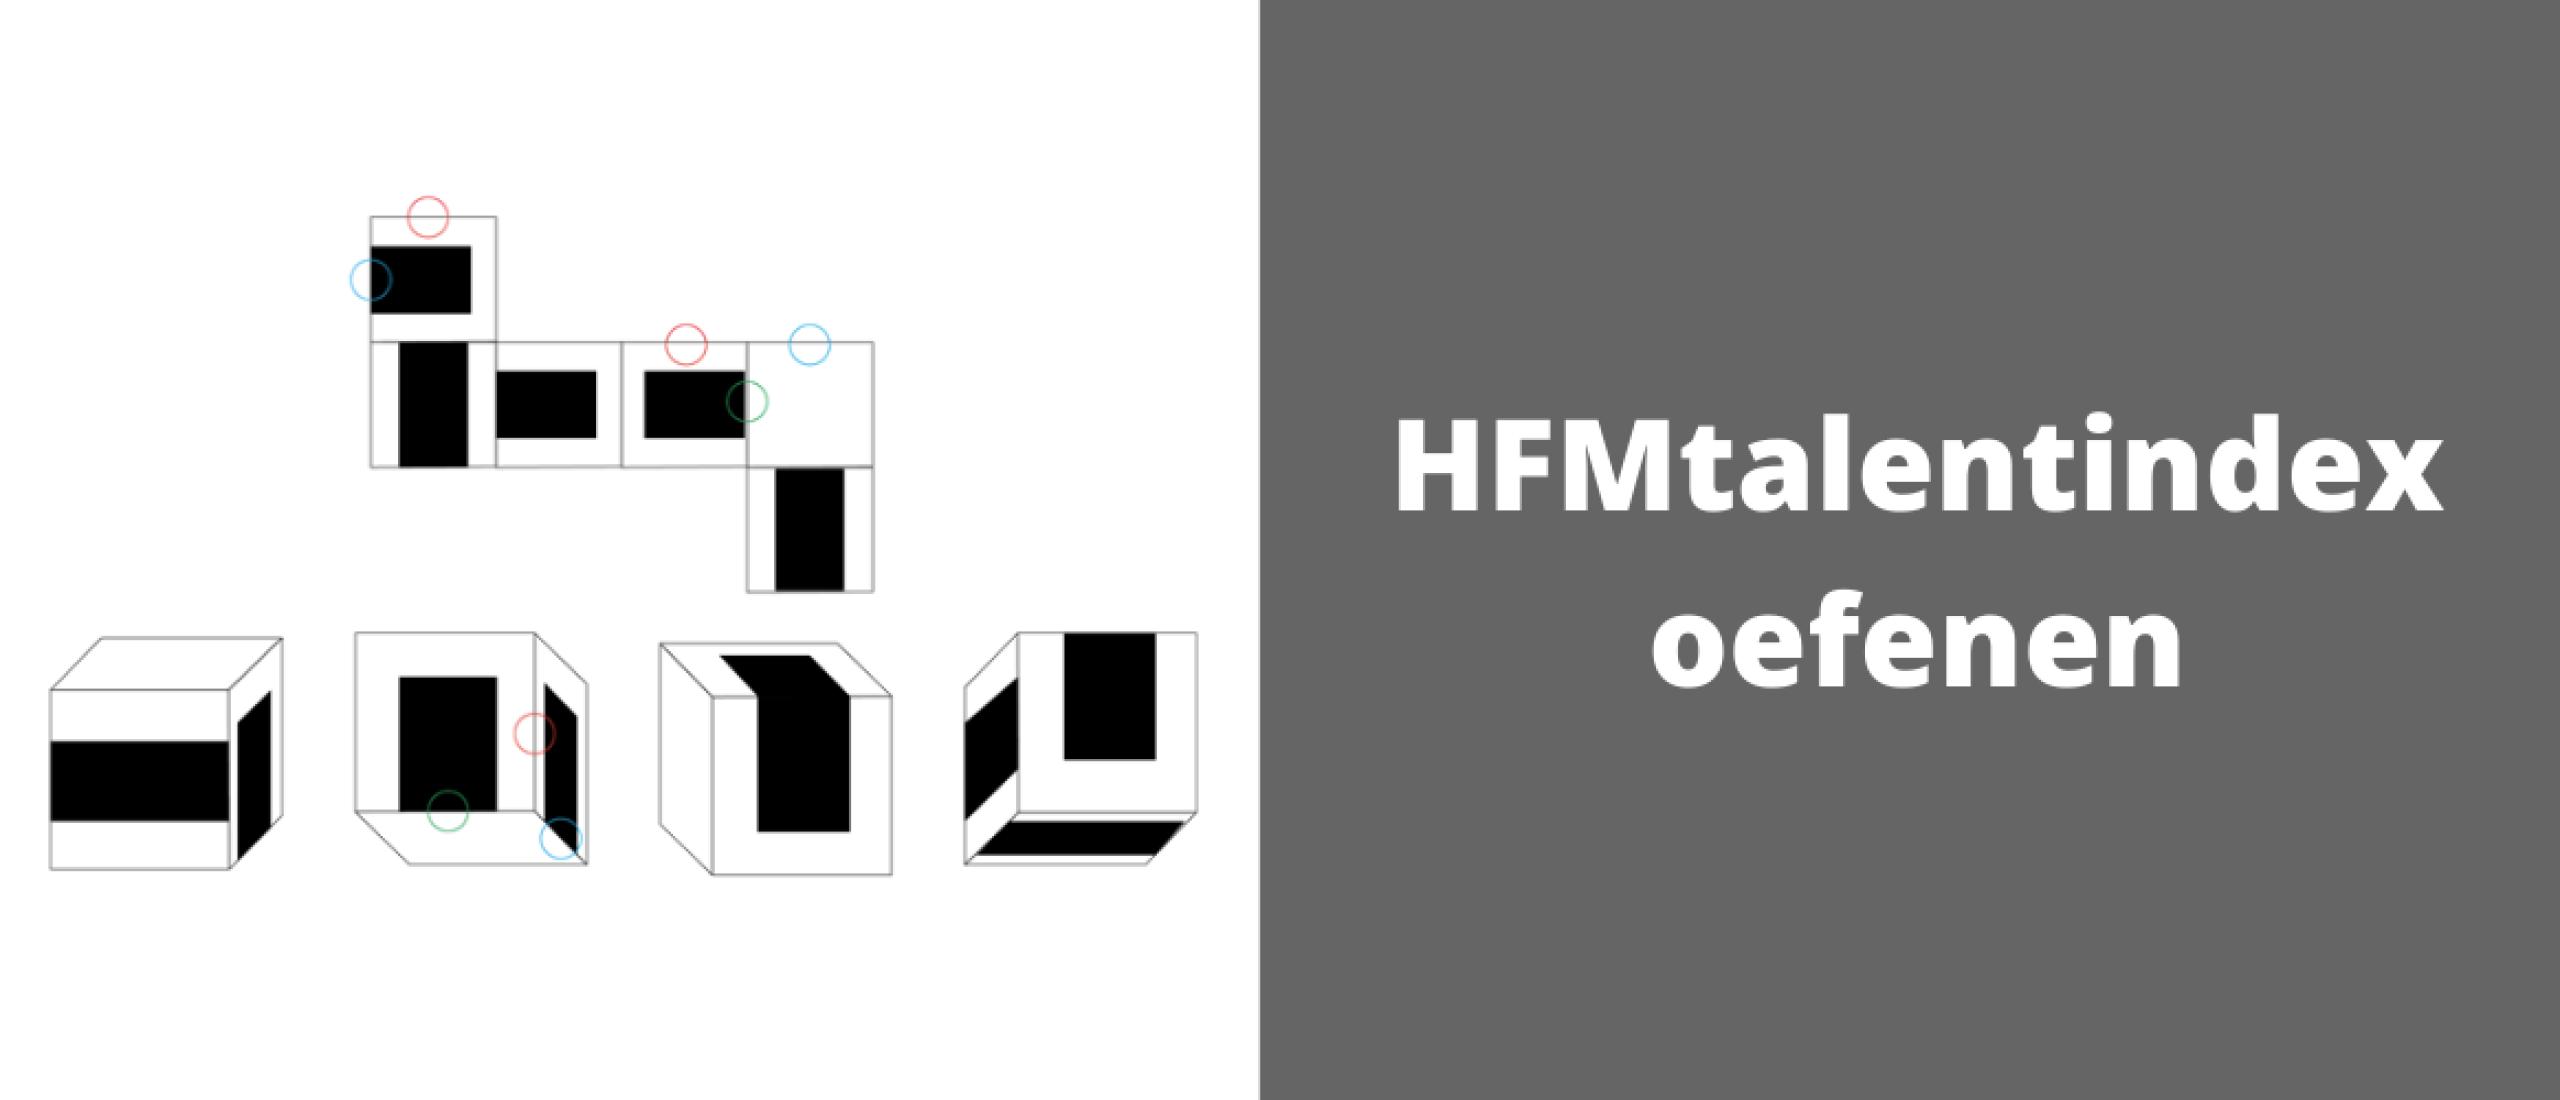 HFMtalentindex oefenen